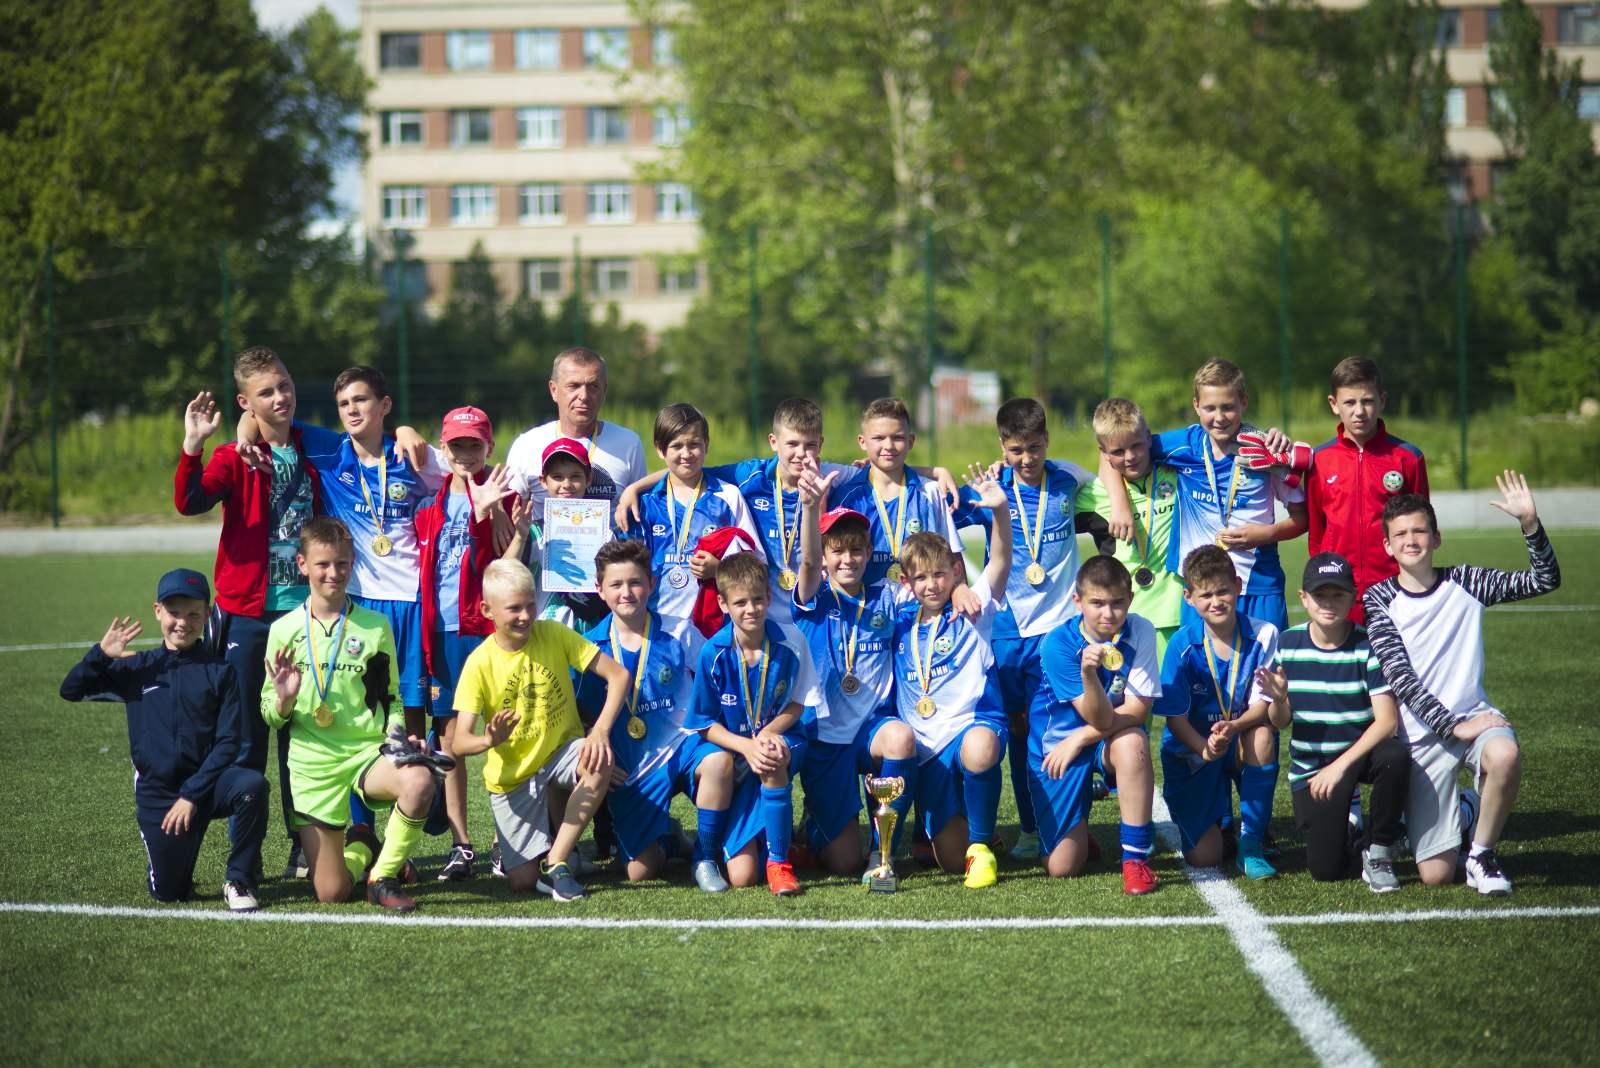 Завершилися змагання чемпіонату Херсонської області з футболу серед дитячо-юнацьких команд 2009 року народження U-12